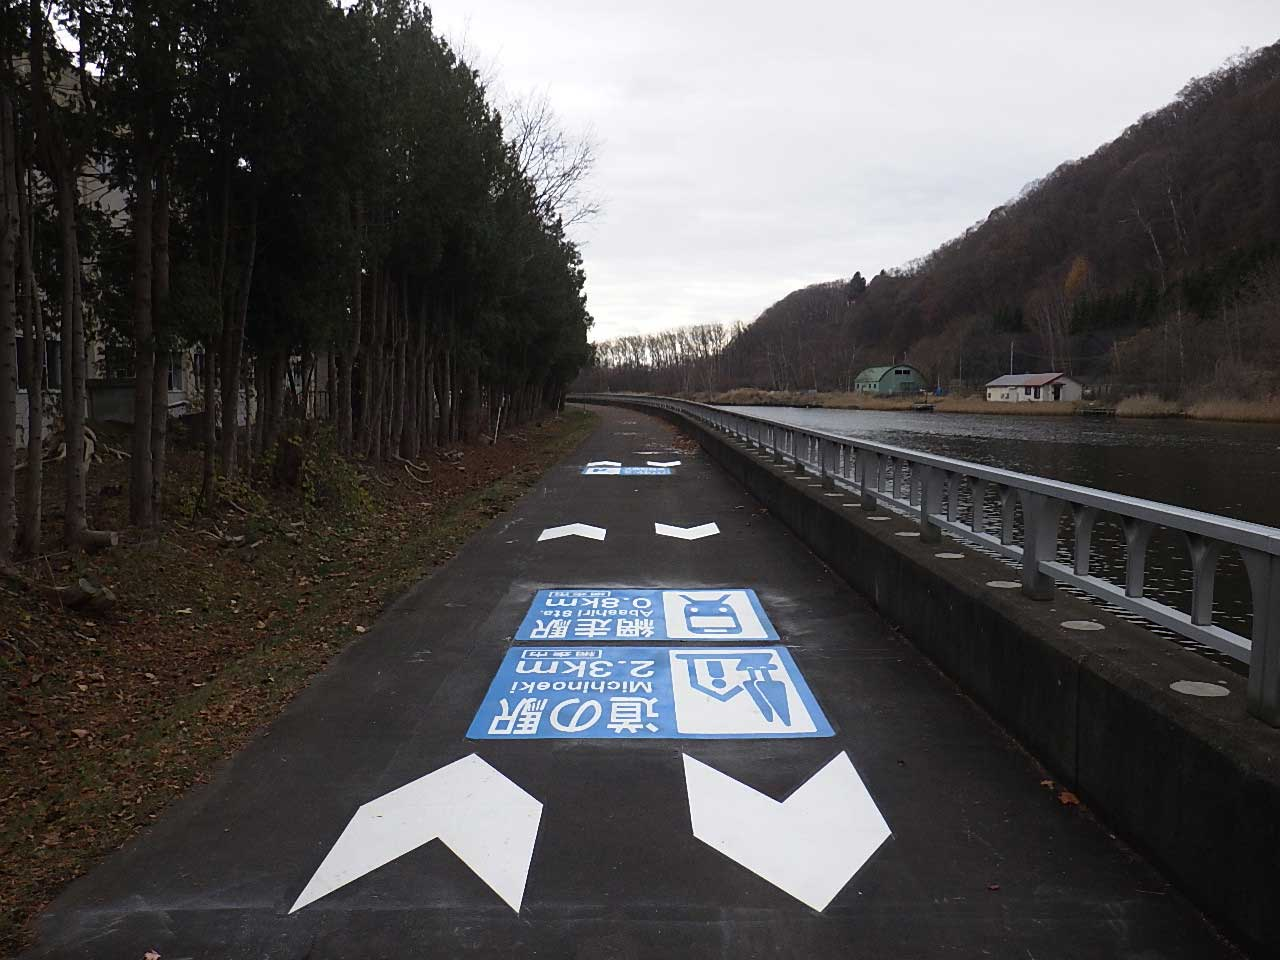 道の駅2.3km 網走駅0.5km